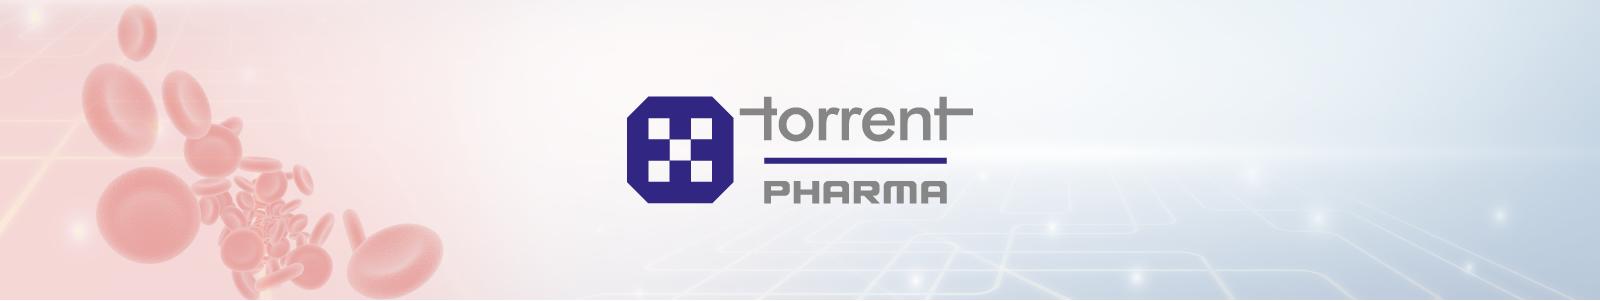 DC-banner patrocinadores-Torrent